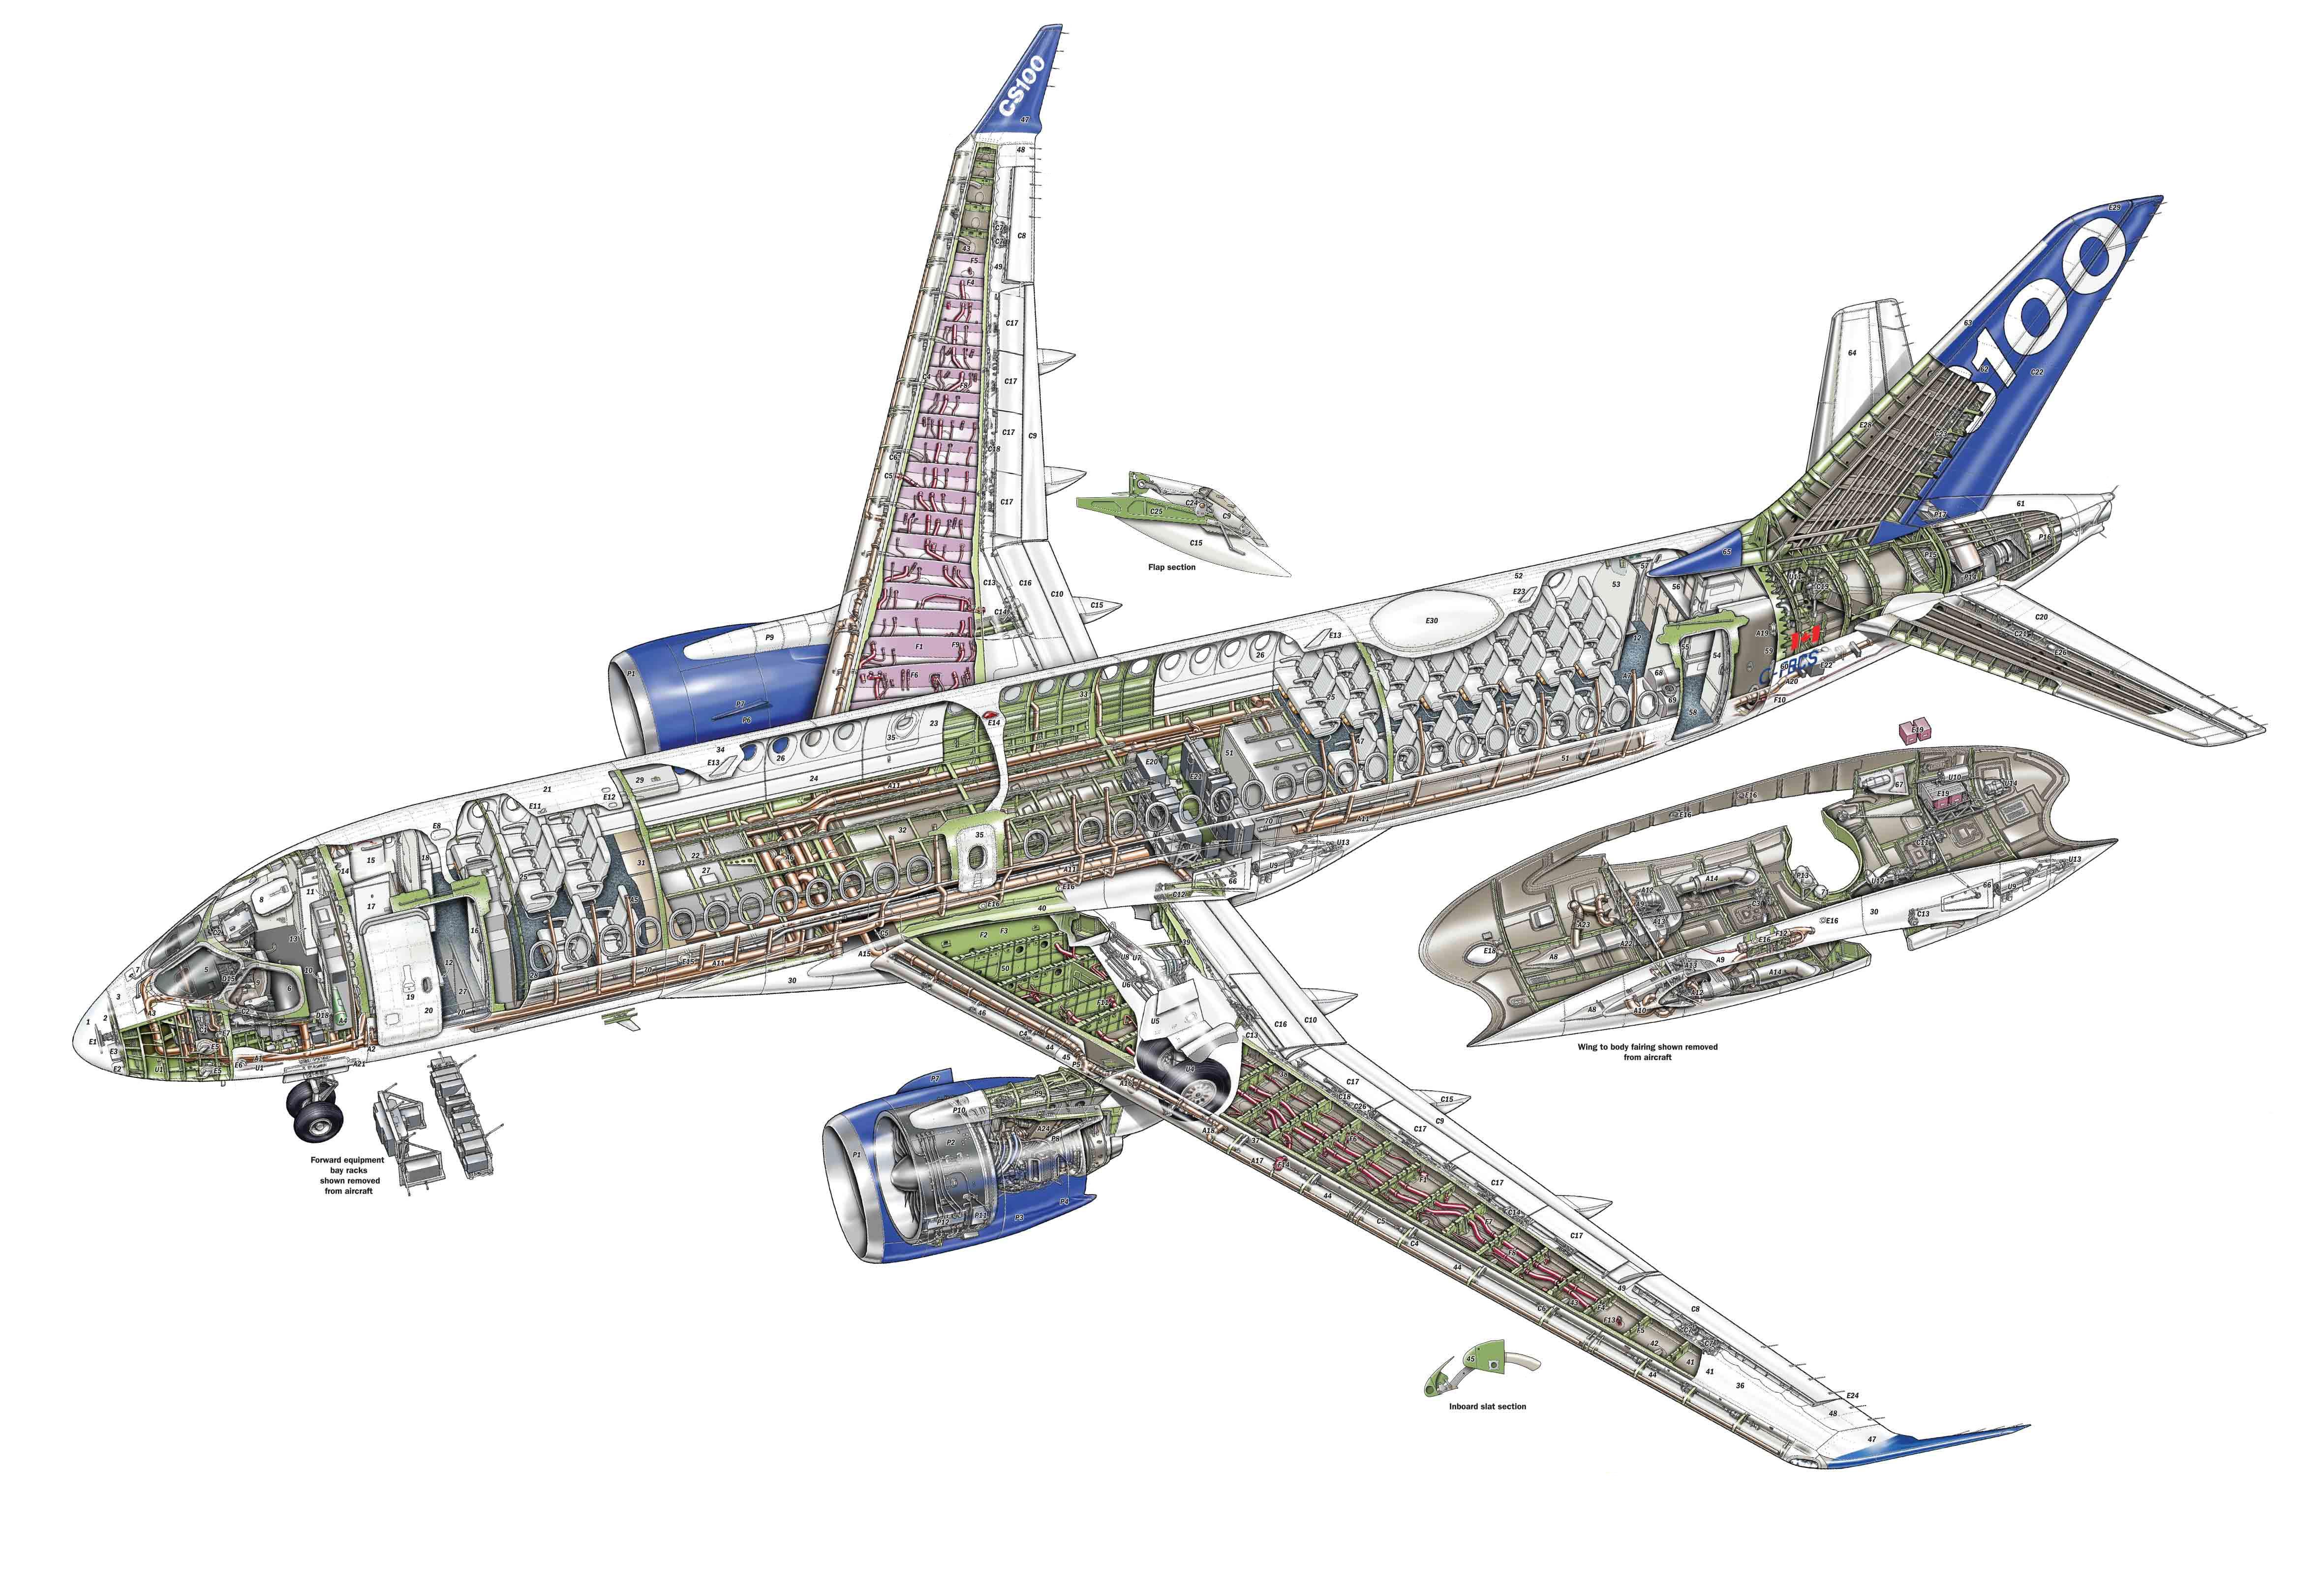 Bombardier CS100 cutaway